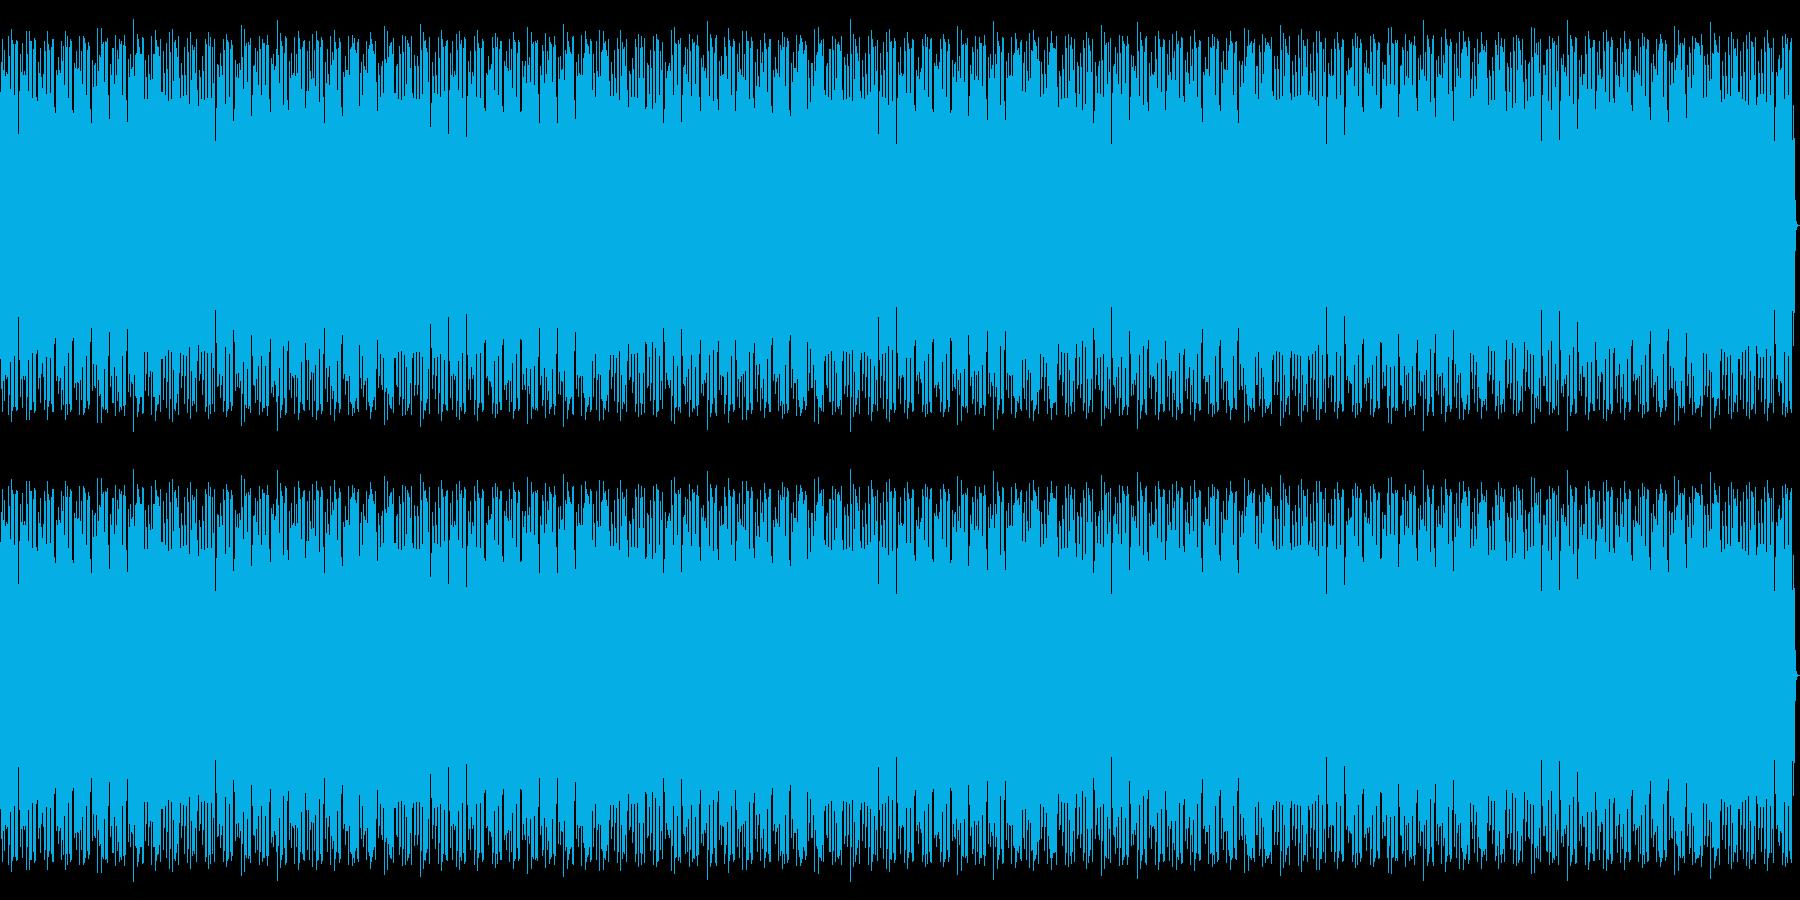 特撮にありそうな飛行音の再生済みの波形